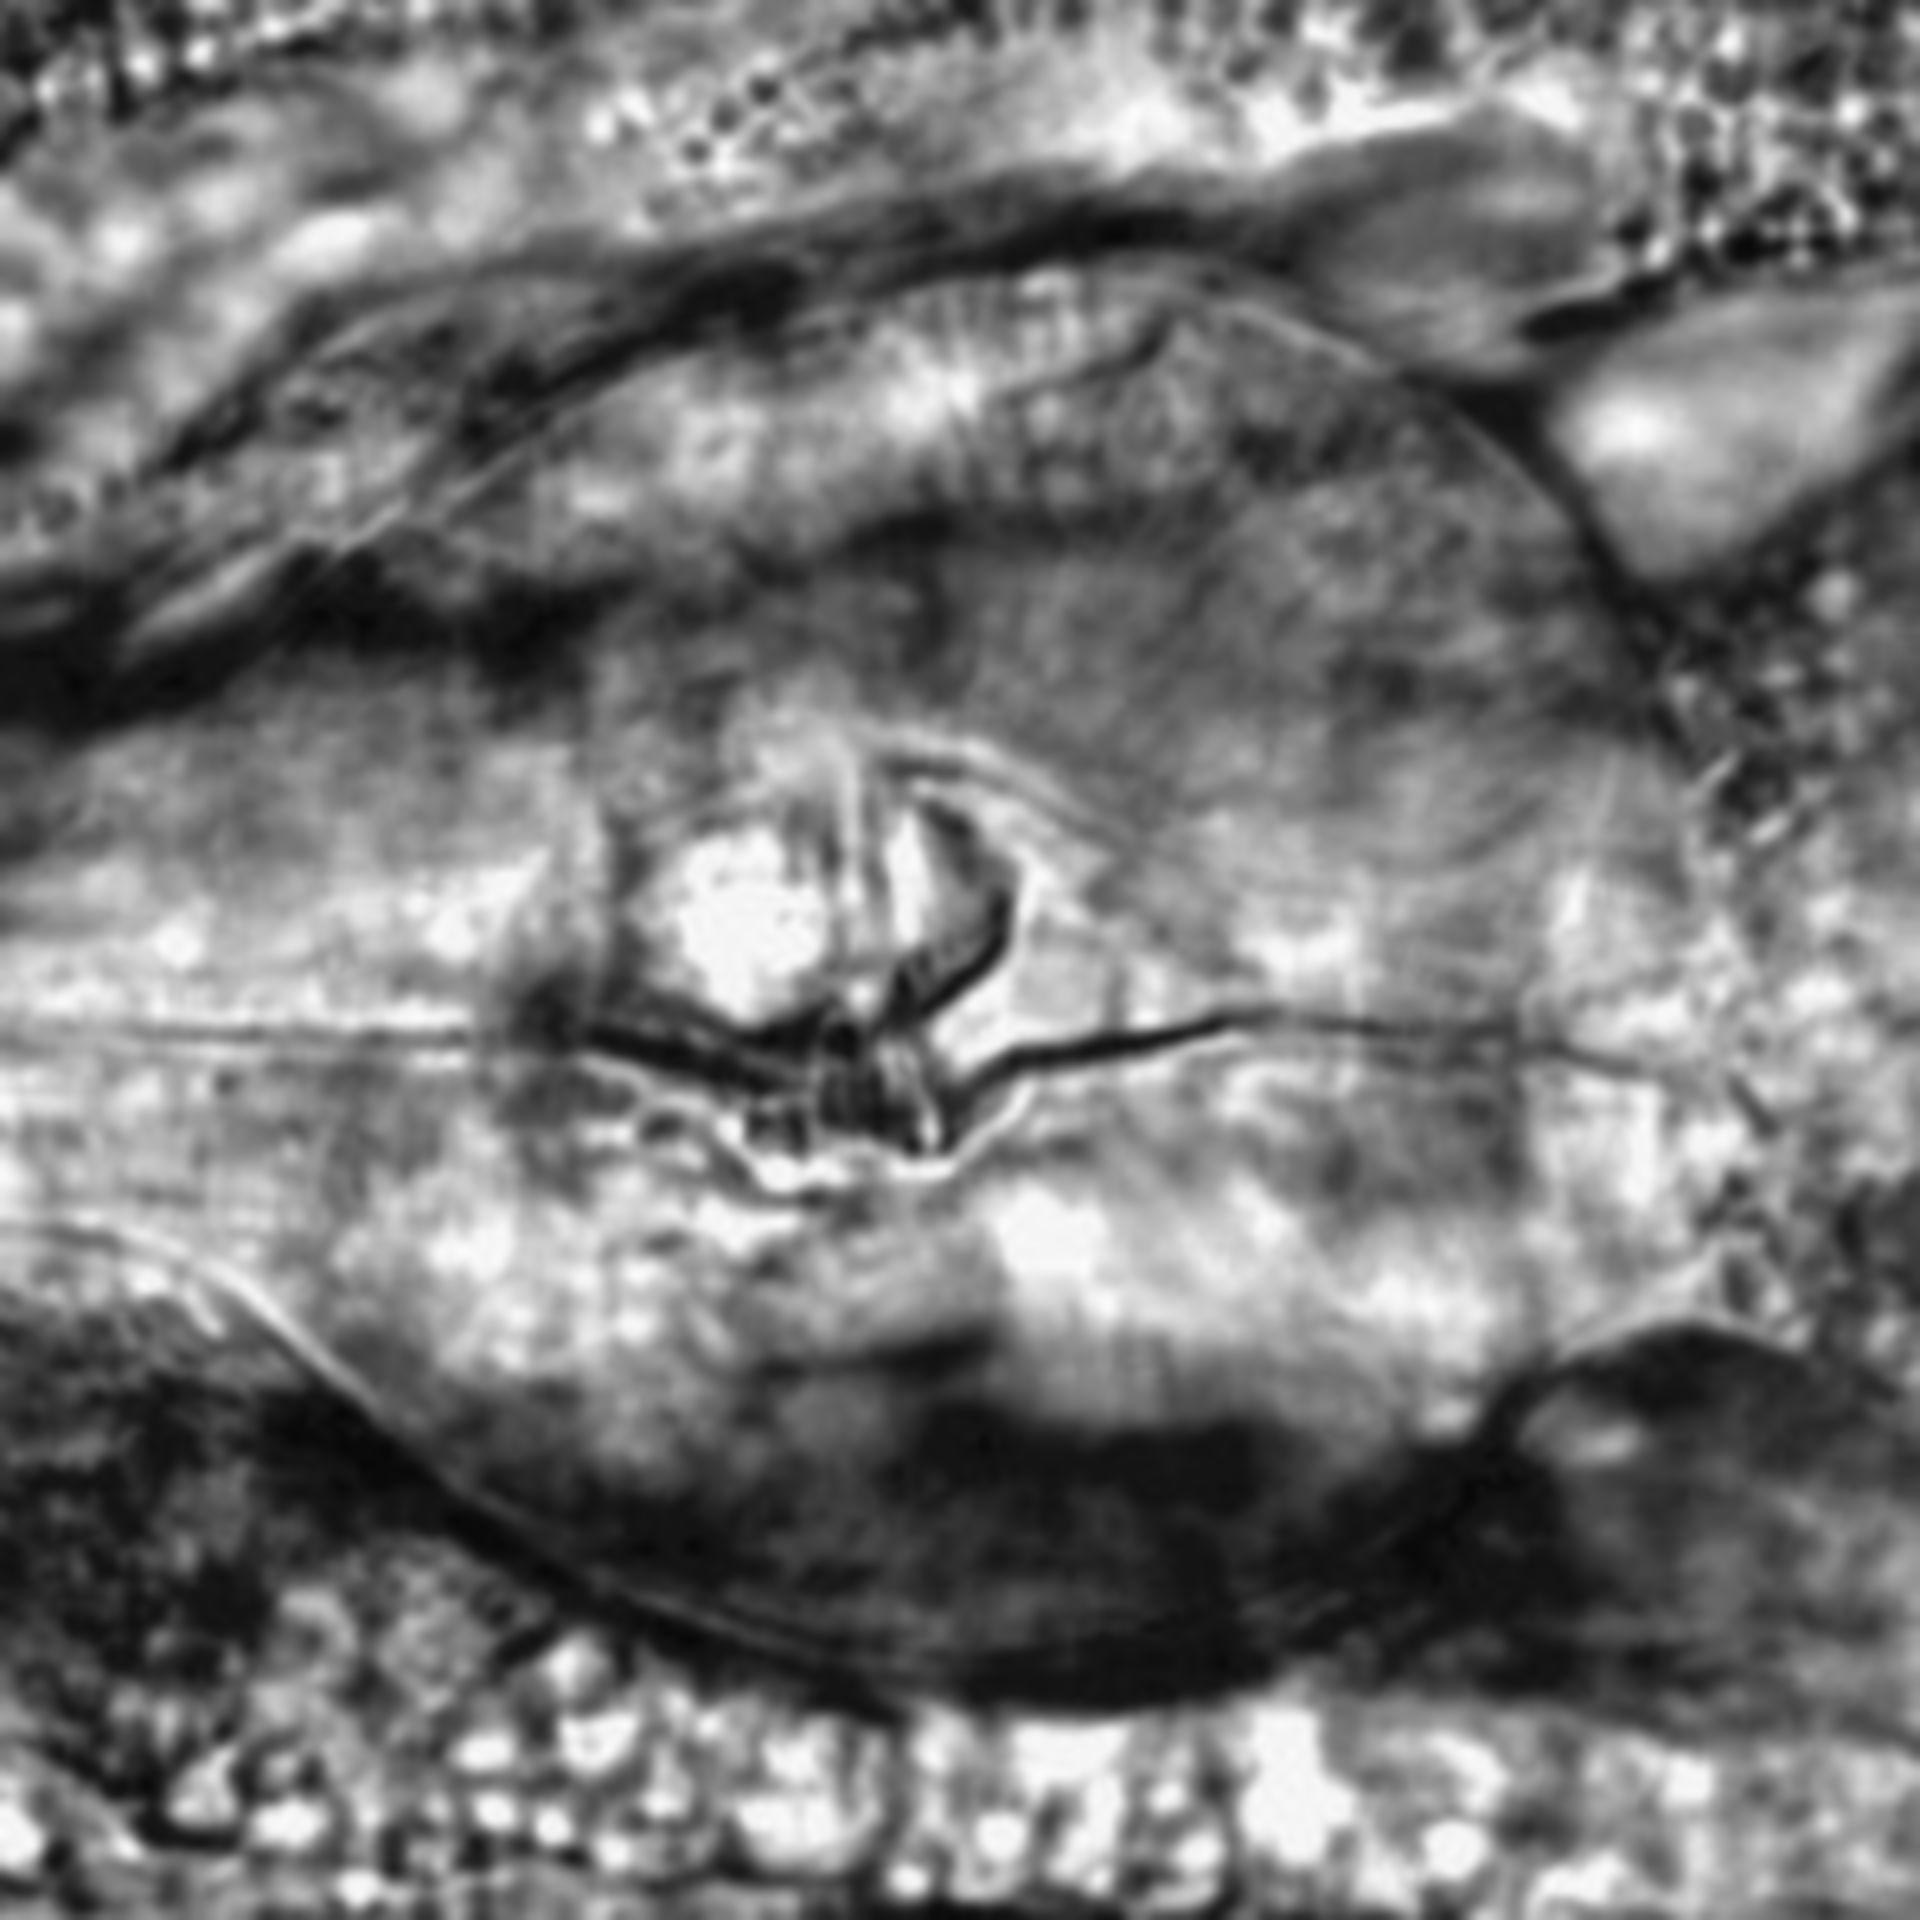 Caenorhabditis elegans - CIL:2308